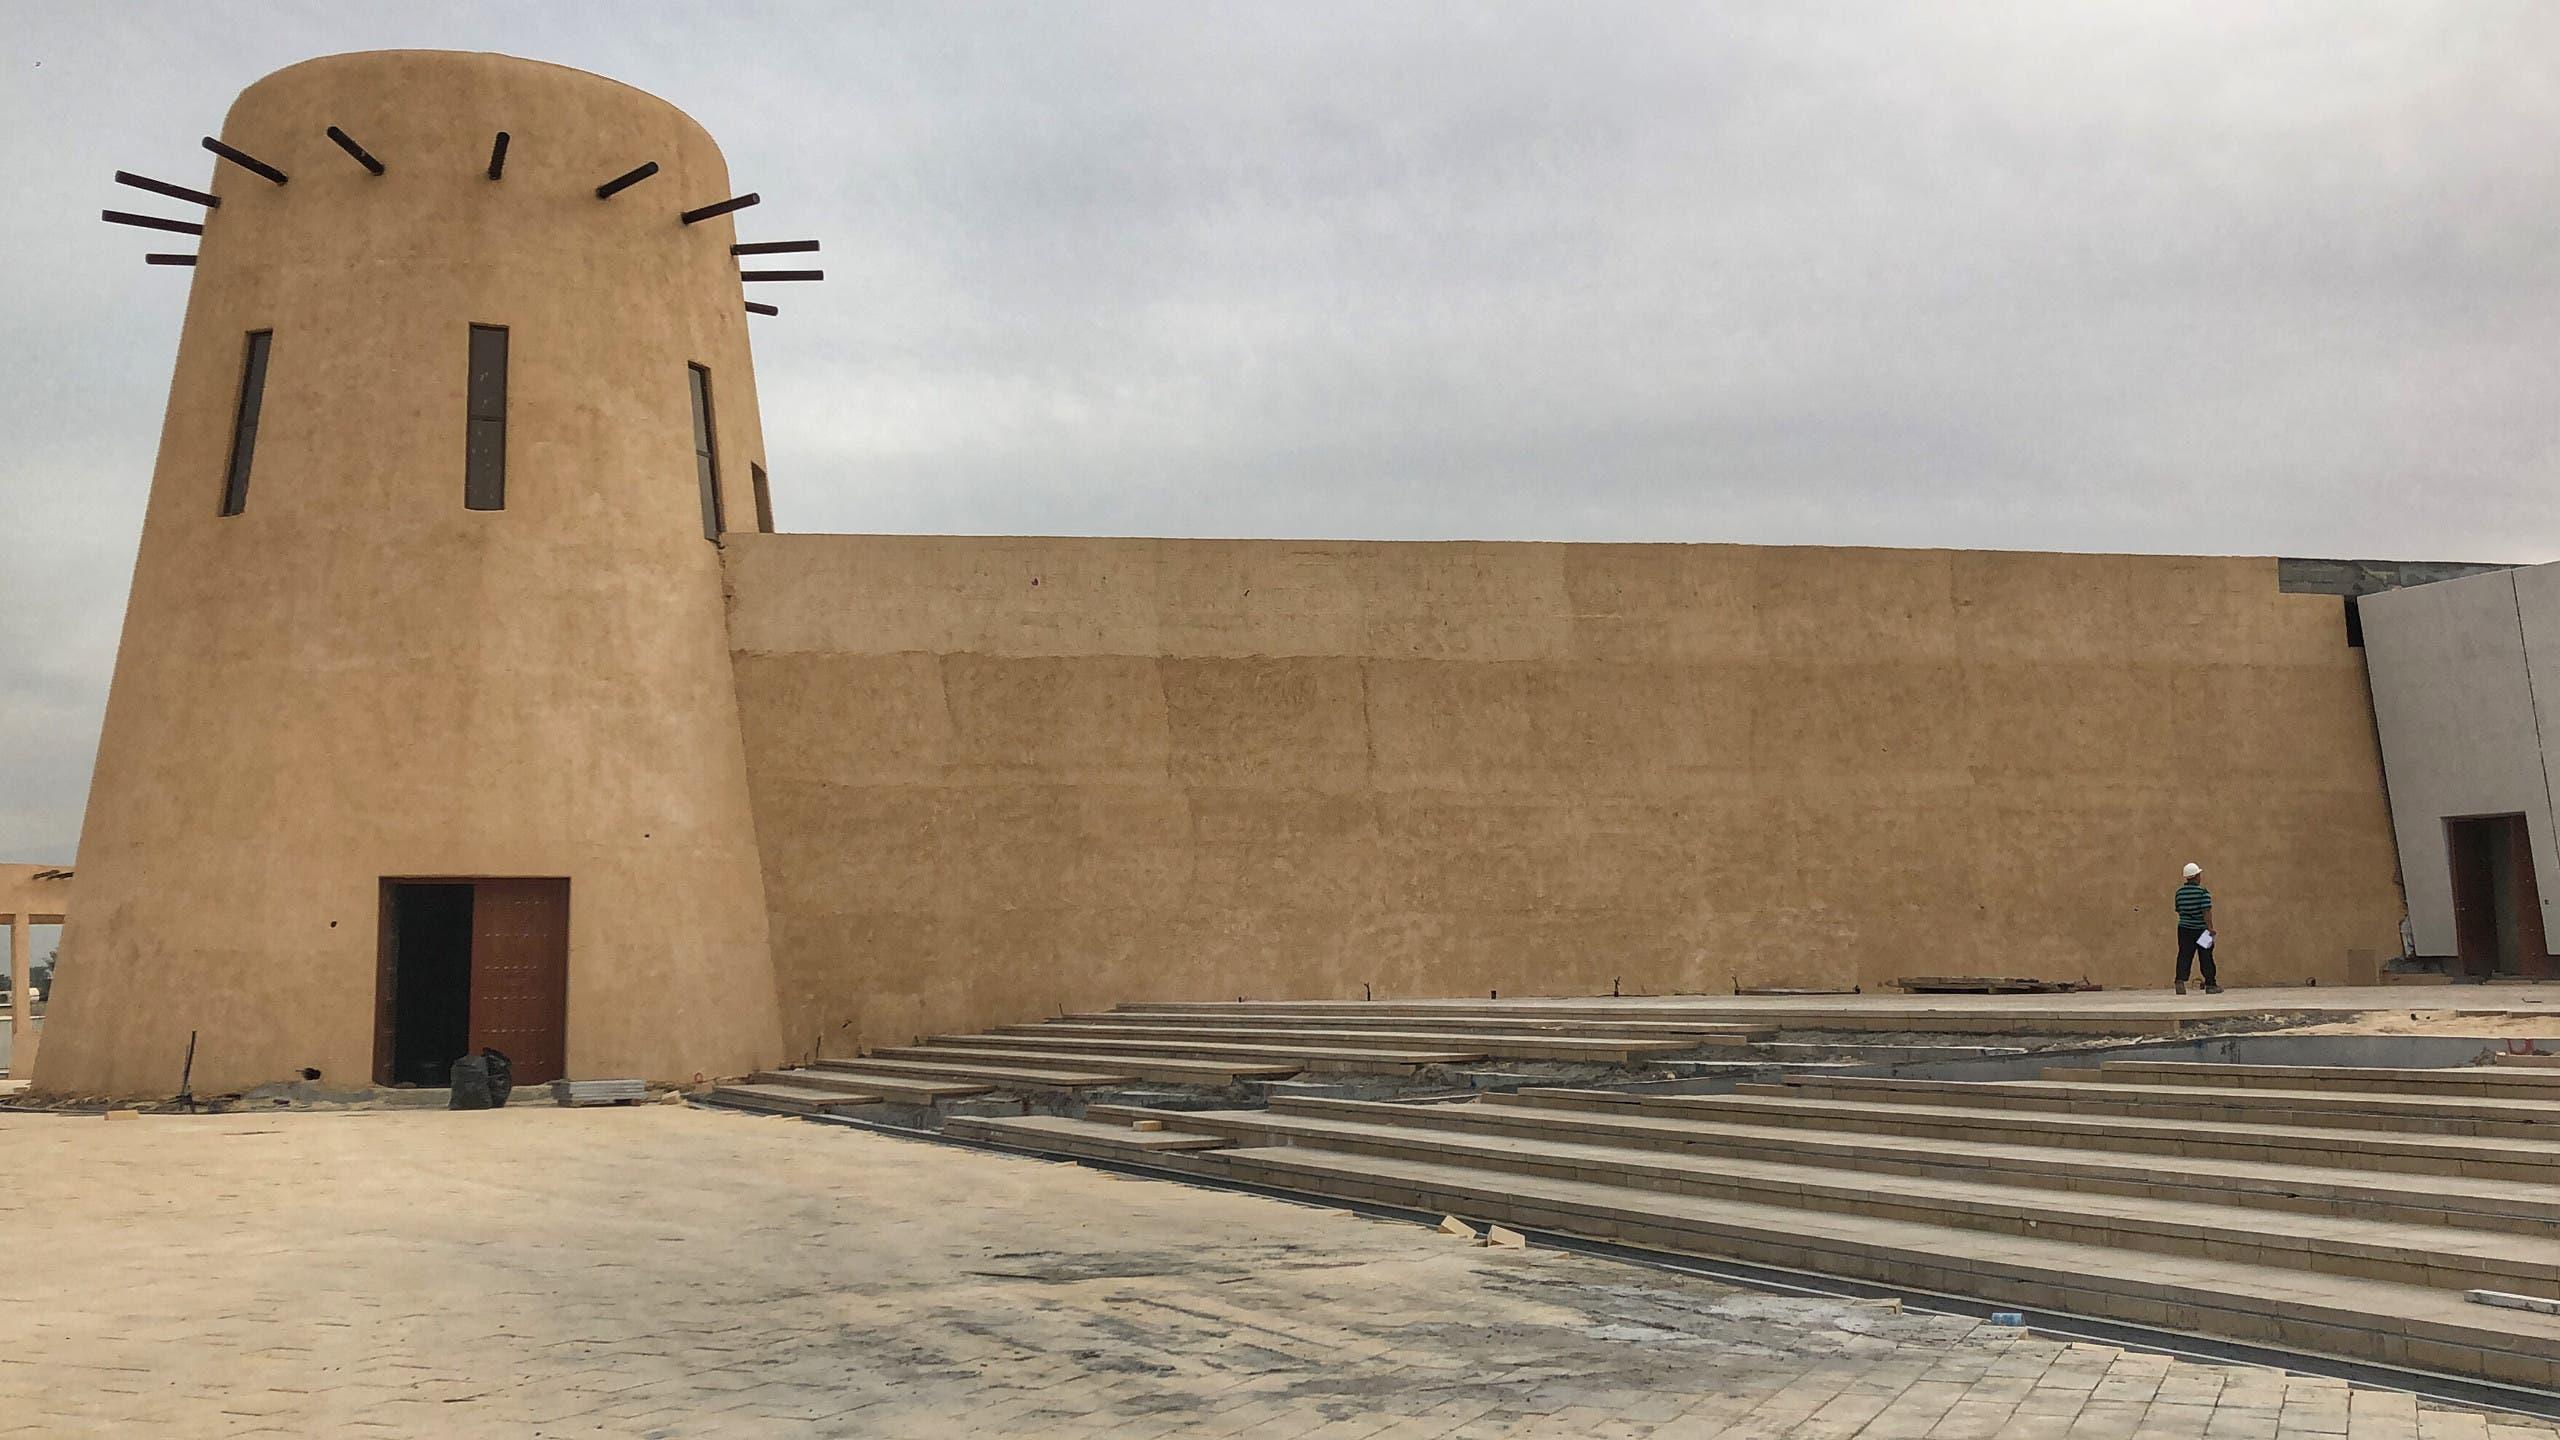 Saudi Arabia's Awamiya 2